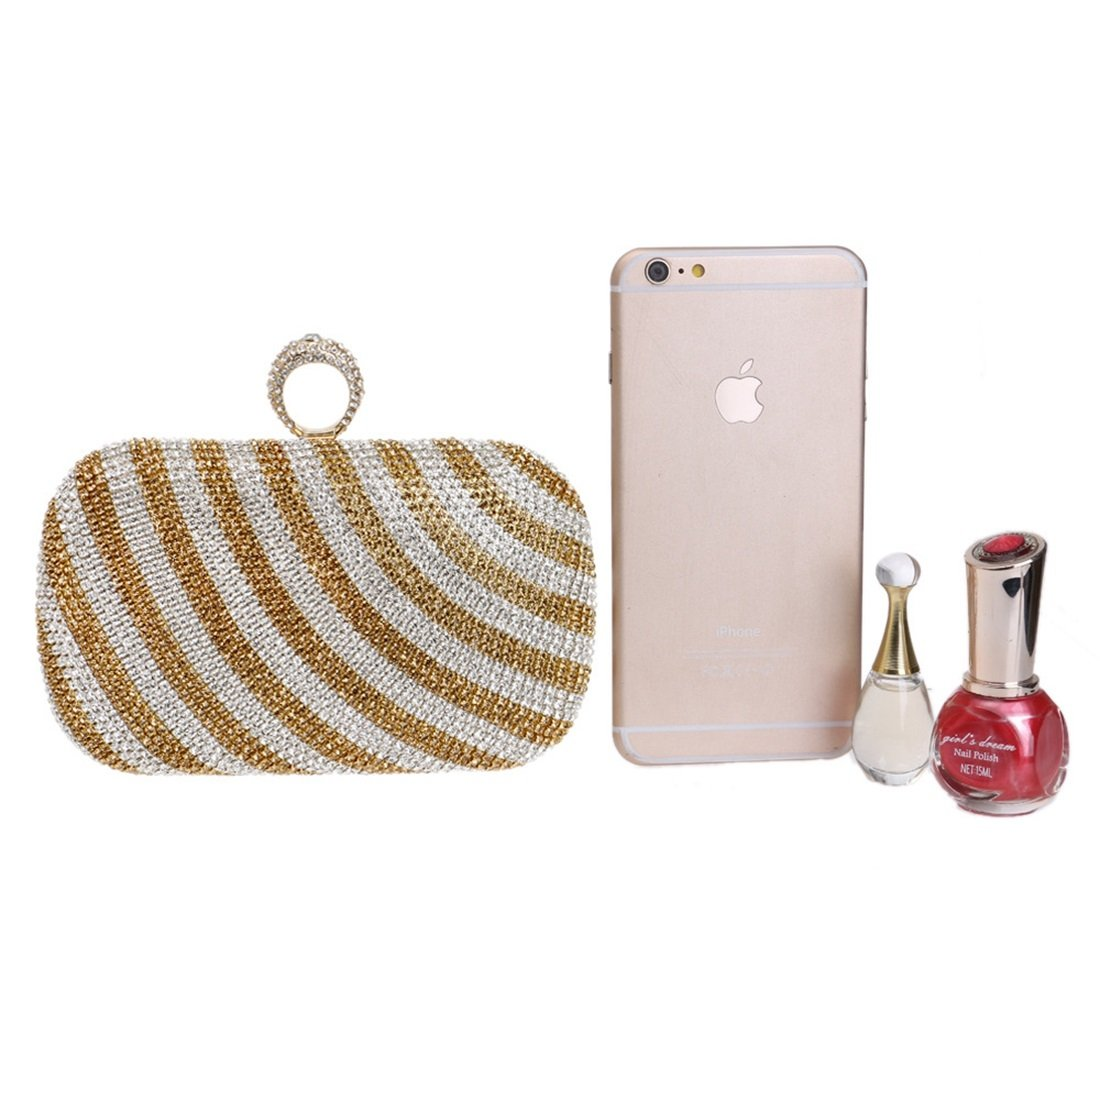 Lightlila Damen Handtasche Gestreifte Gradient Abend Handtasche Handtasche Handtasche Clutch Schulter Messenger Bag (Farbe   Gold) B07Q3SDL7R Clutches Elegant natürlich 827776